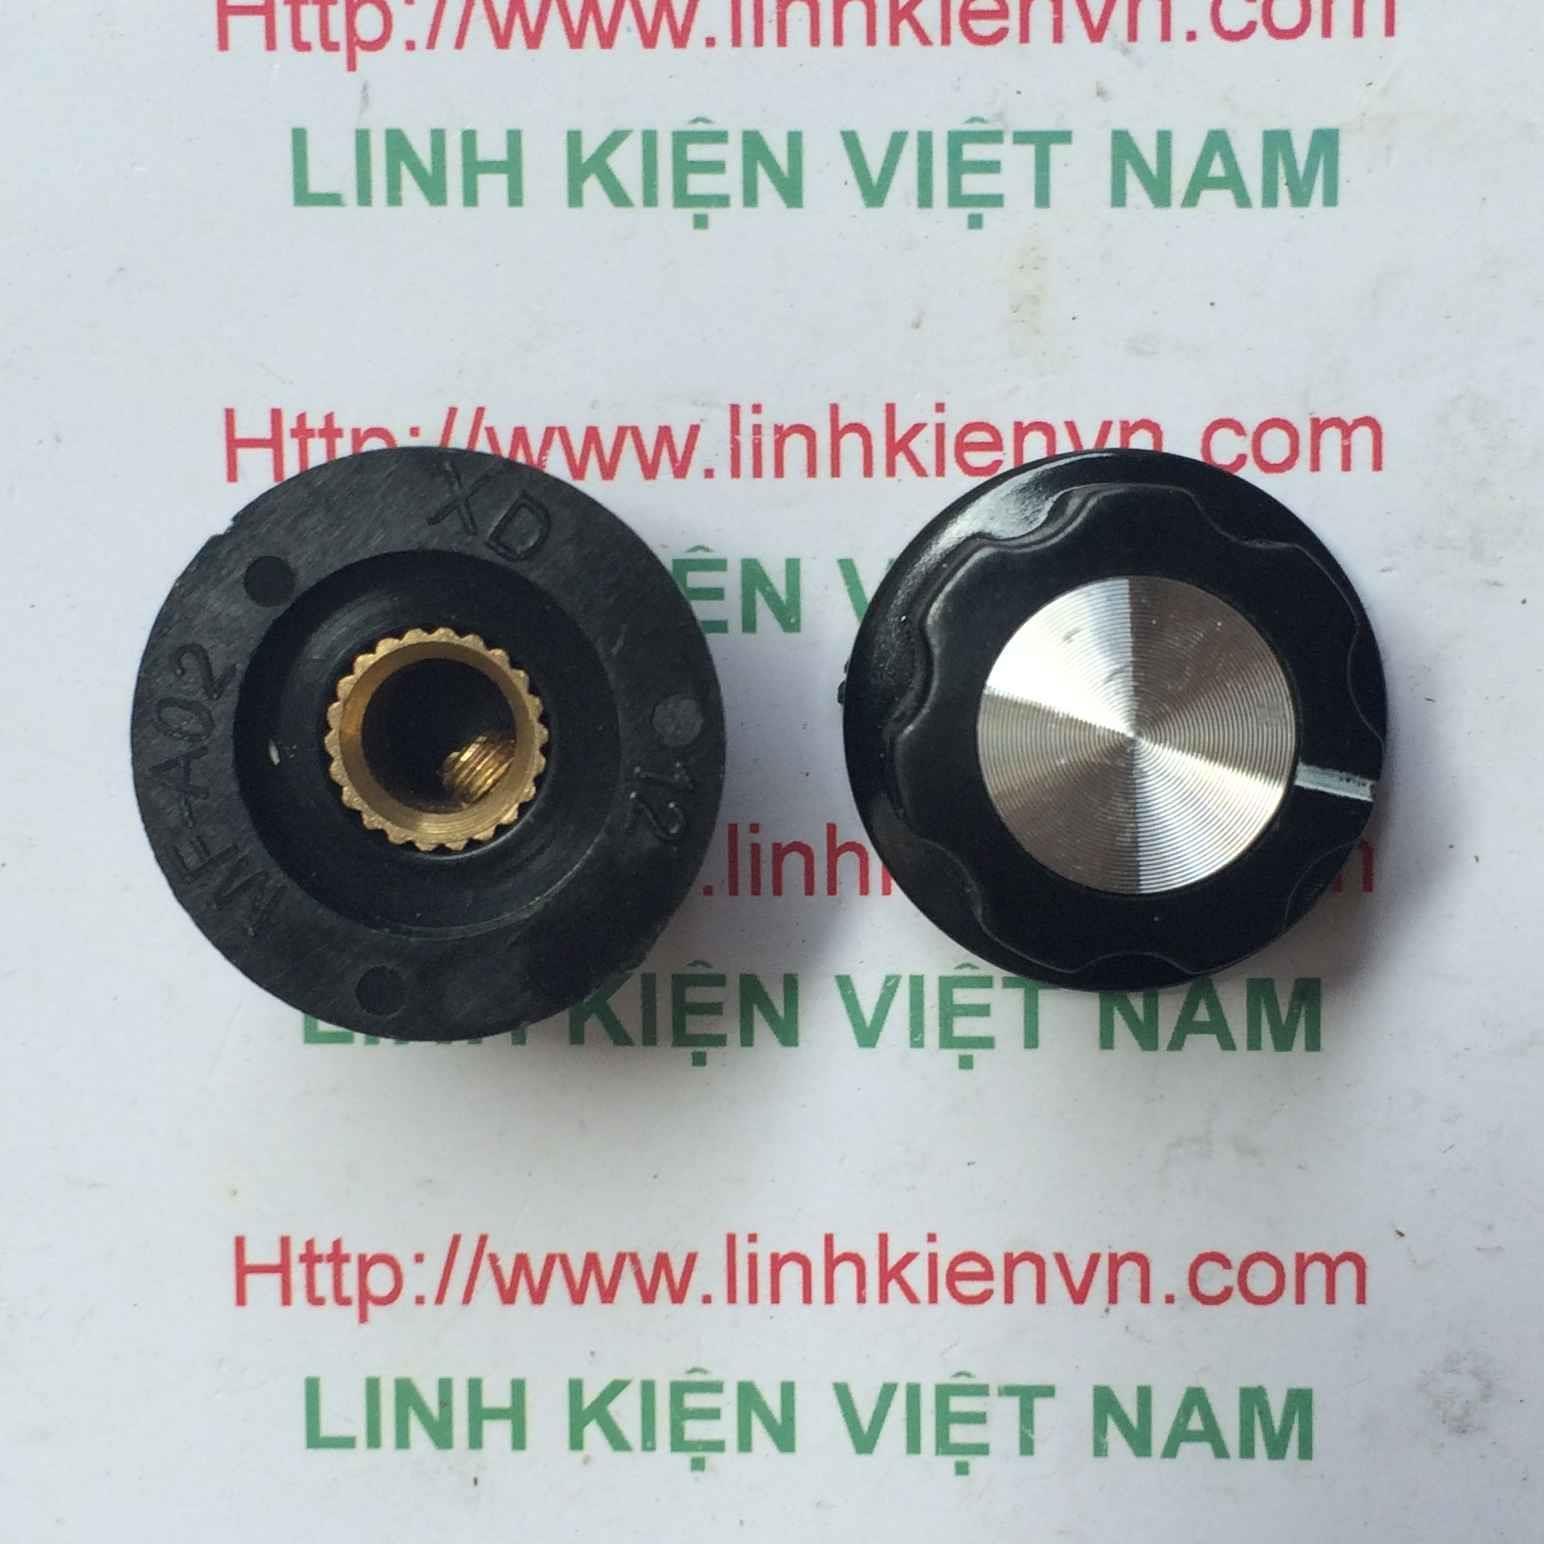 Đầu chụp công tắc MF-A02 / Núm Công tắc WTH118 6mm / Đầu chụp chiết áp công tắc / Đầu chụp công tắc chọn - G4H16